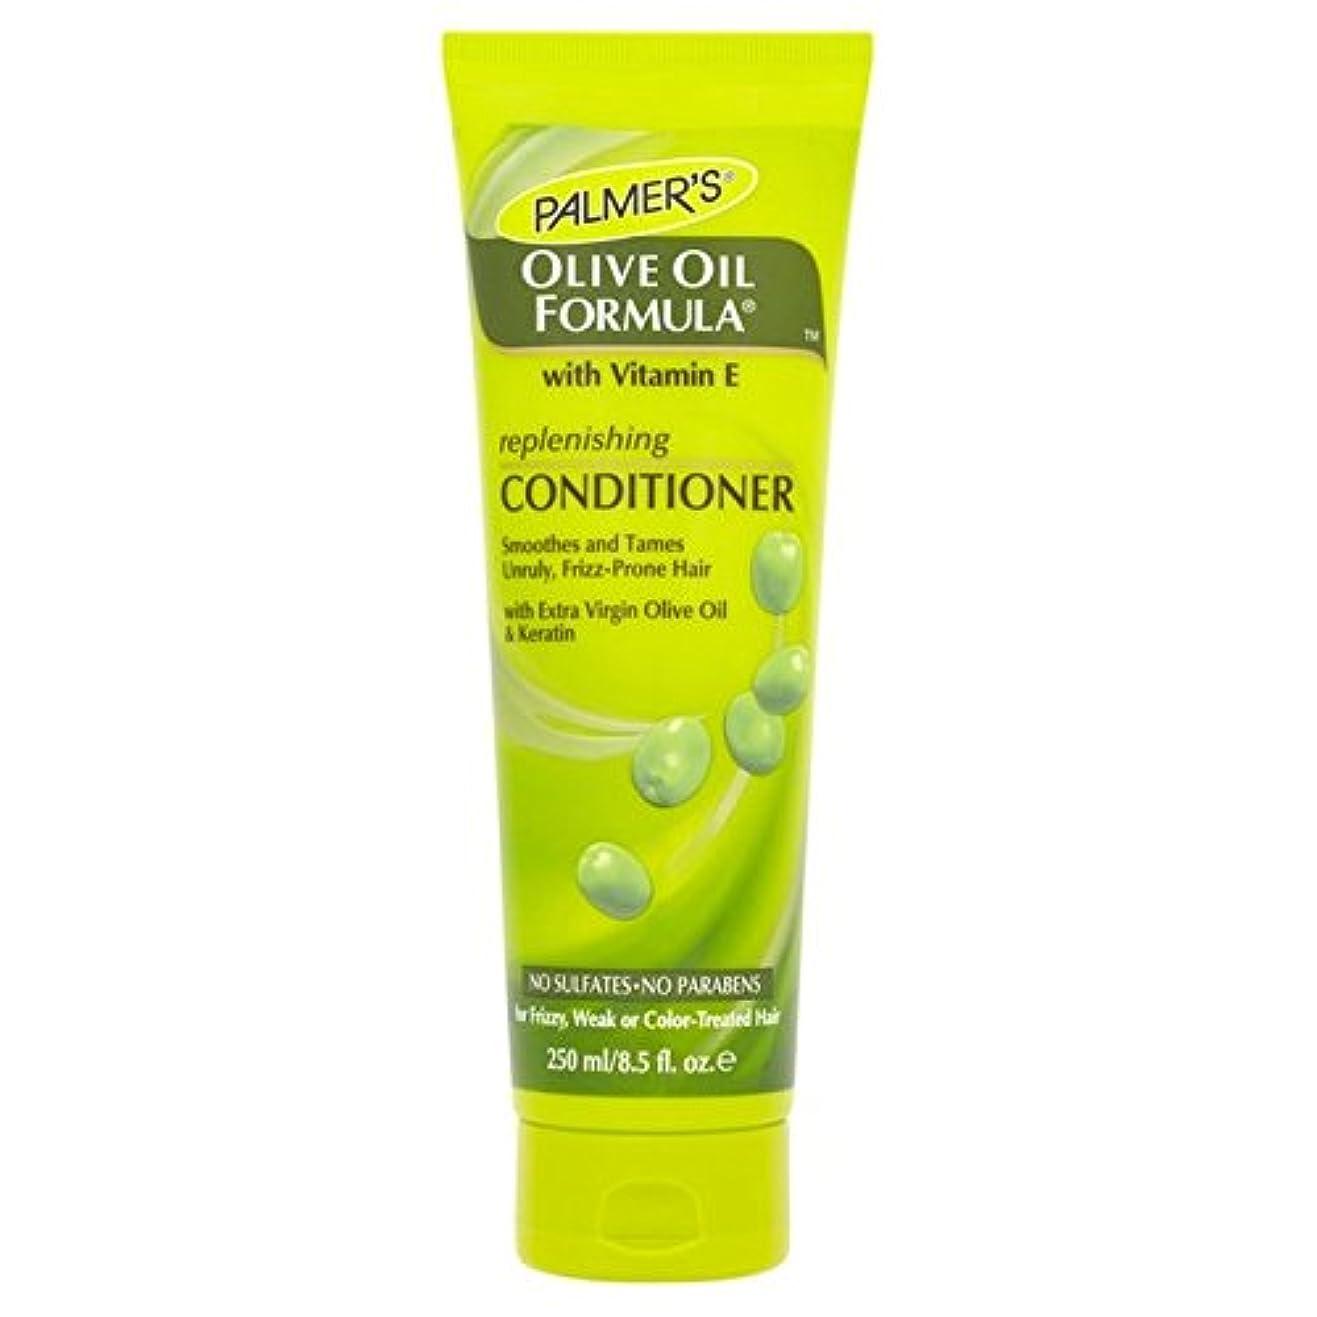 必要すべき価値パーマーのオリーブオイル式リストアコンディショナー250 x4 - Palmer's Olive Oil Formula Restoring Conditioner 250ml (Pack of 4) [並行輸入品]